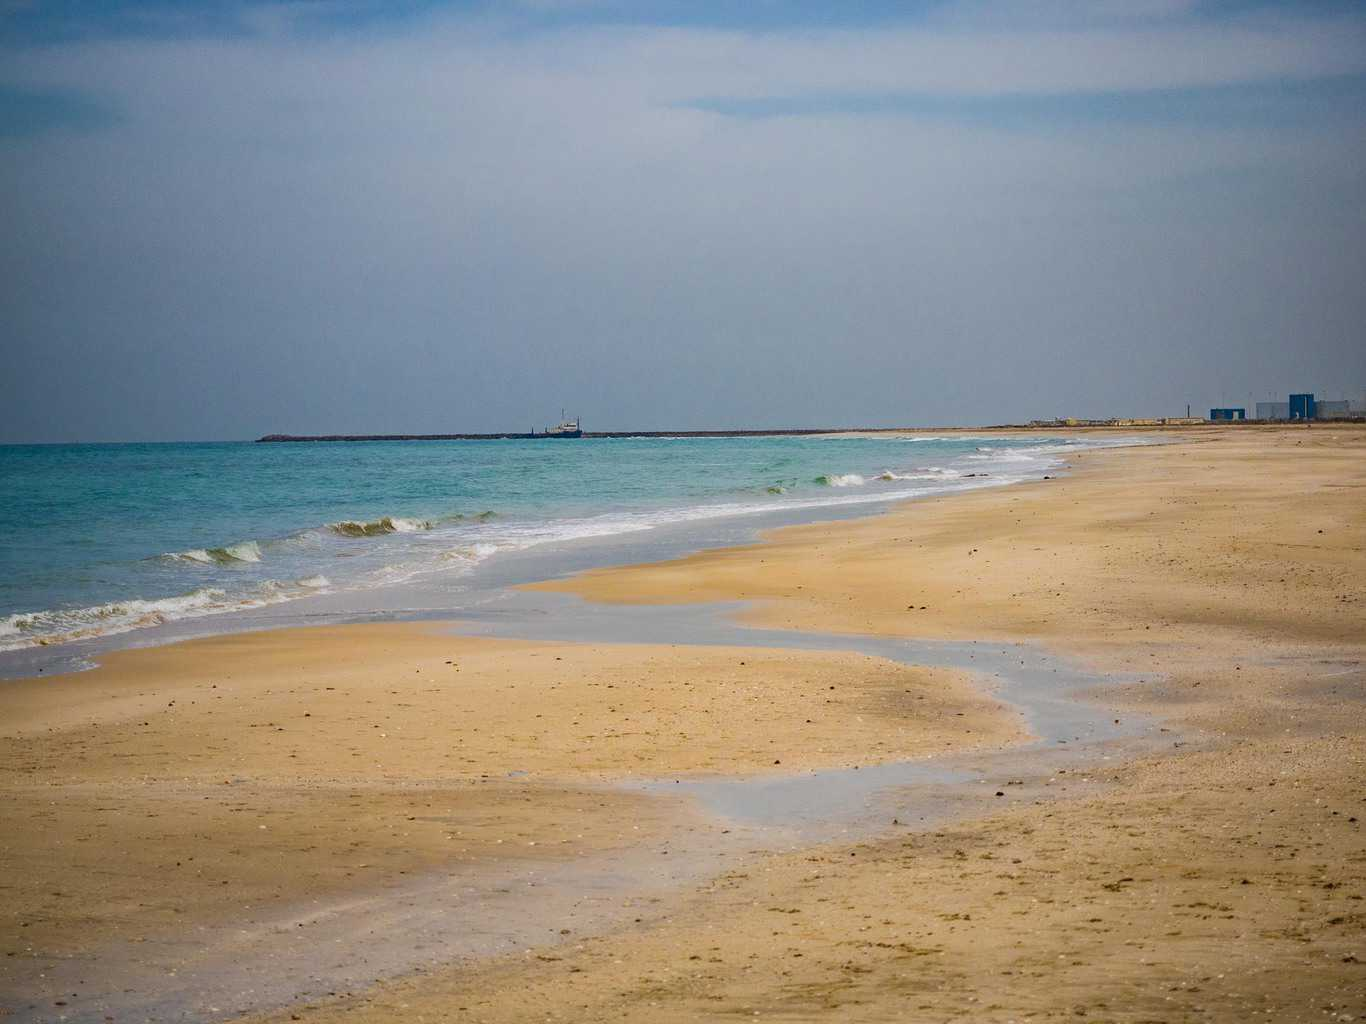 beaches in UAE